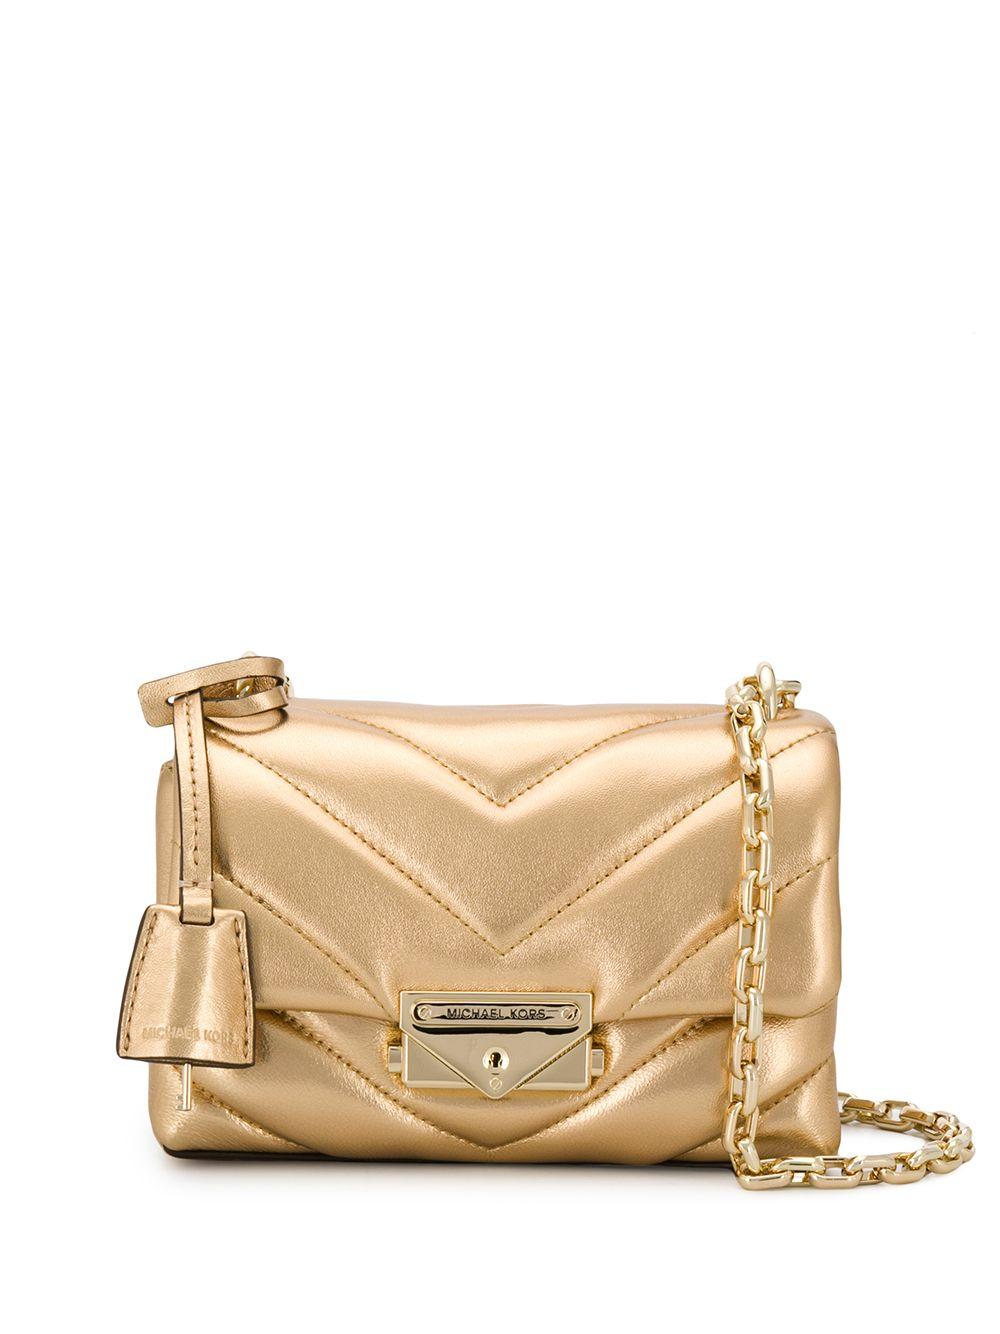 Cece Leather Mini Bag